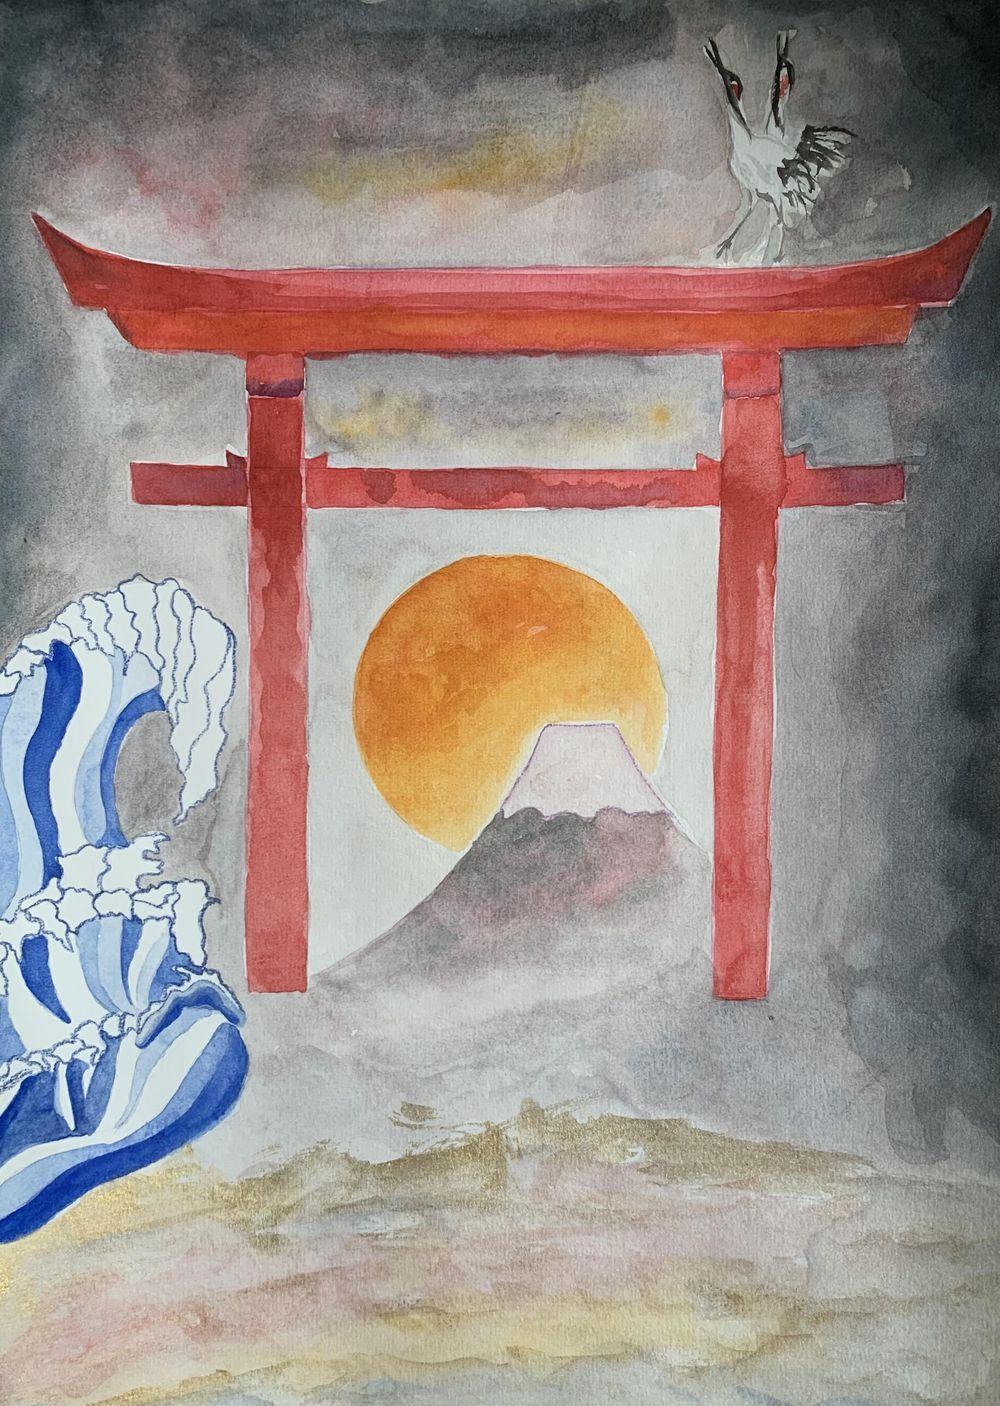 mystical japan landscape - image 3 - student project